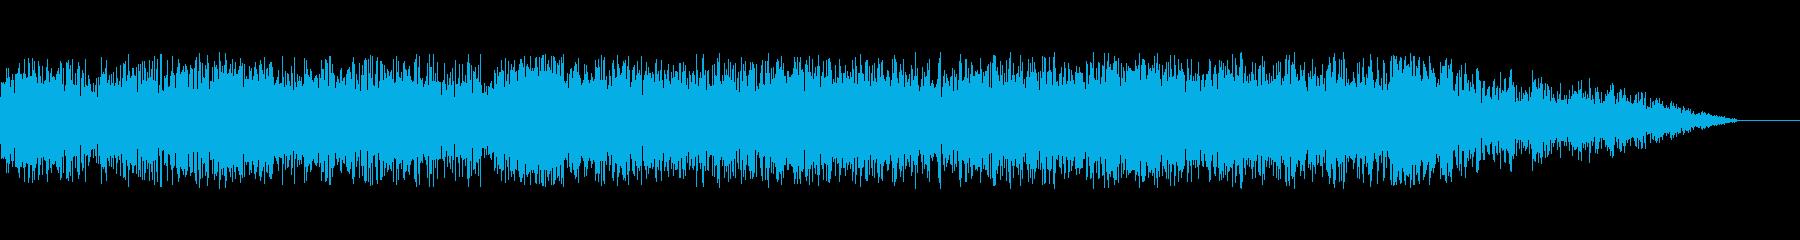 興奮とスリル満載のサウンドトラックの再生済みの波形